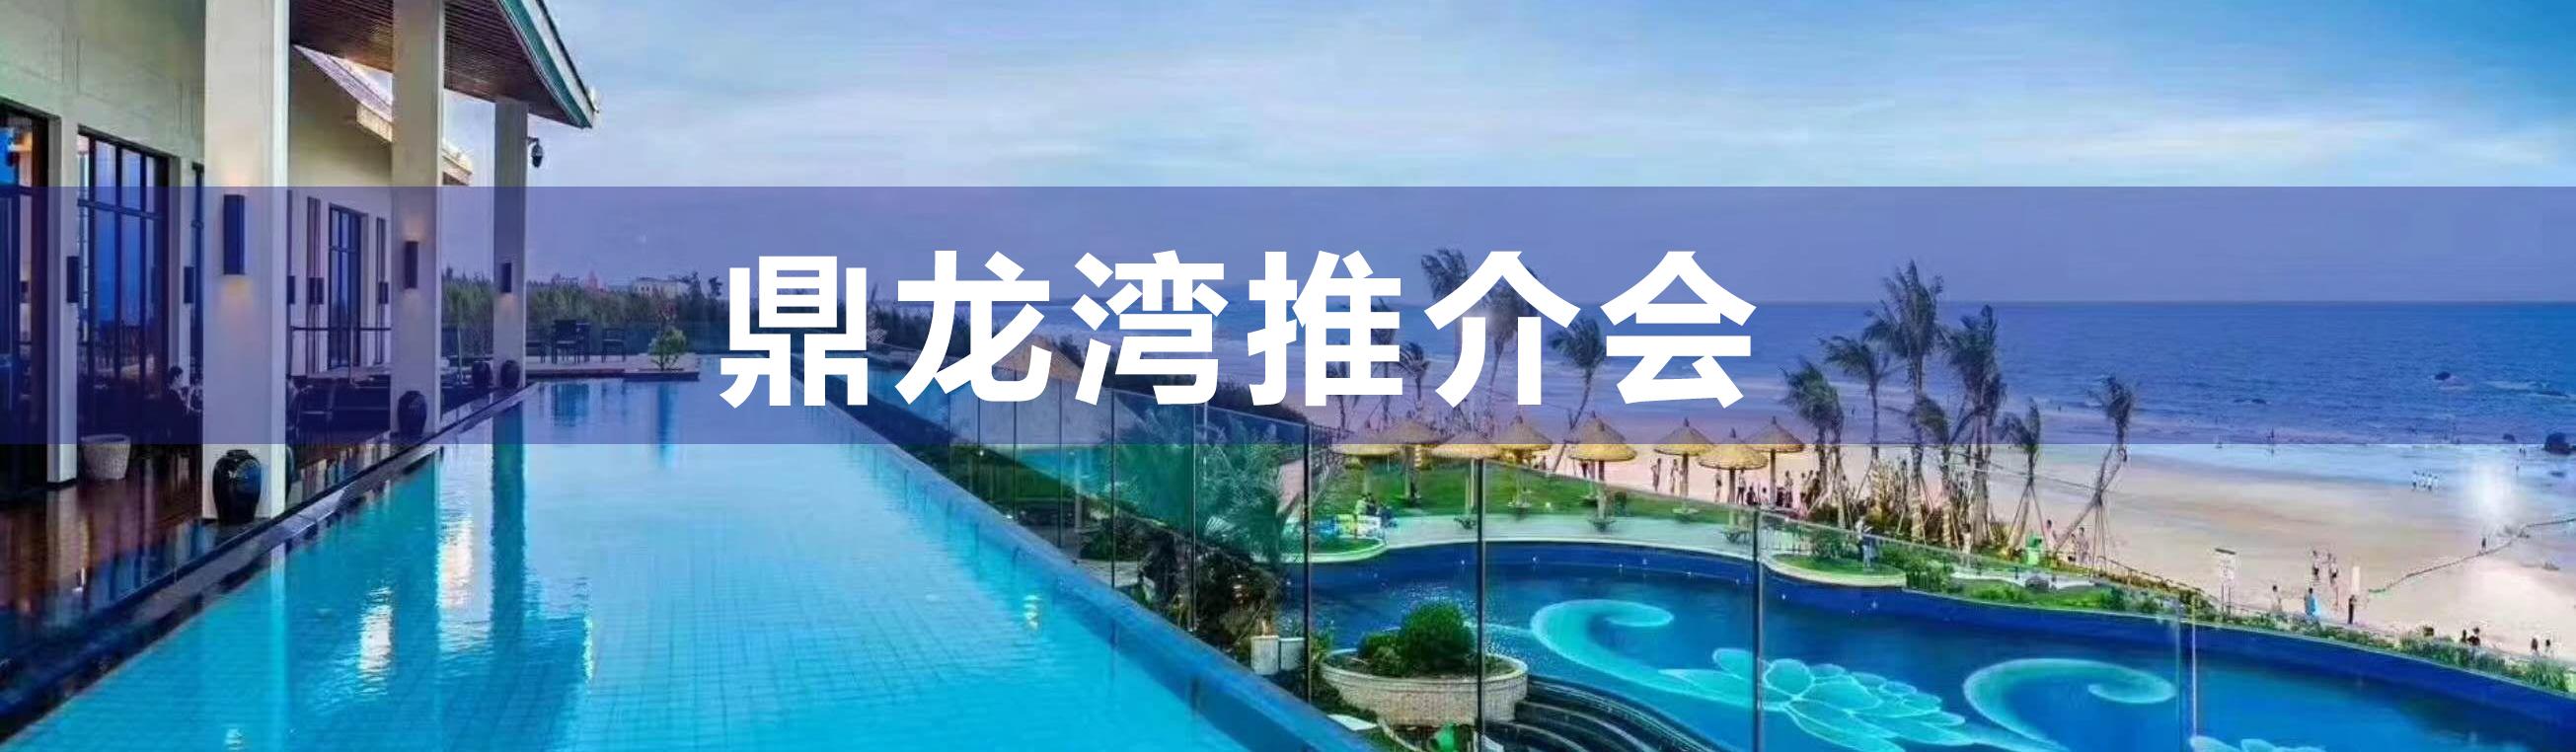 鼎龙湾国际海洋度假区——推介会圆满举行!!